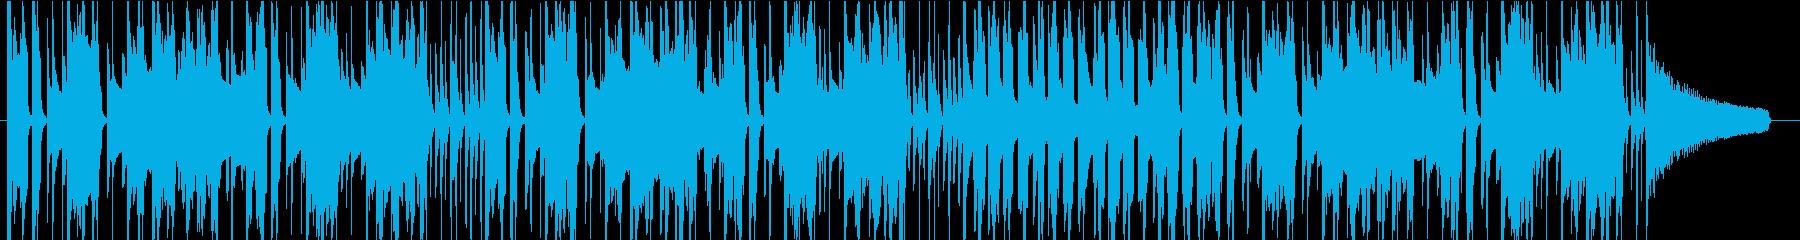 アニメ CM ほのぼの 48kHzの再生済みの波形